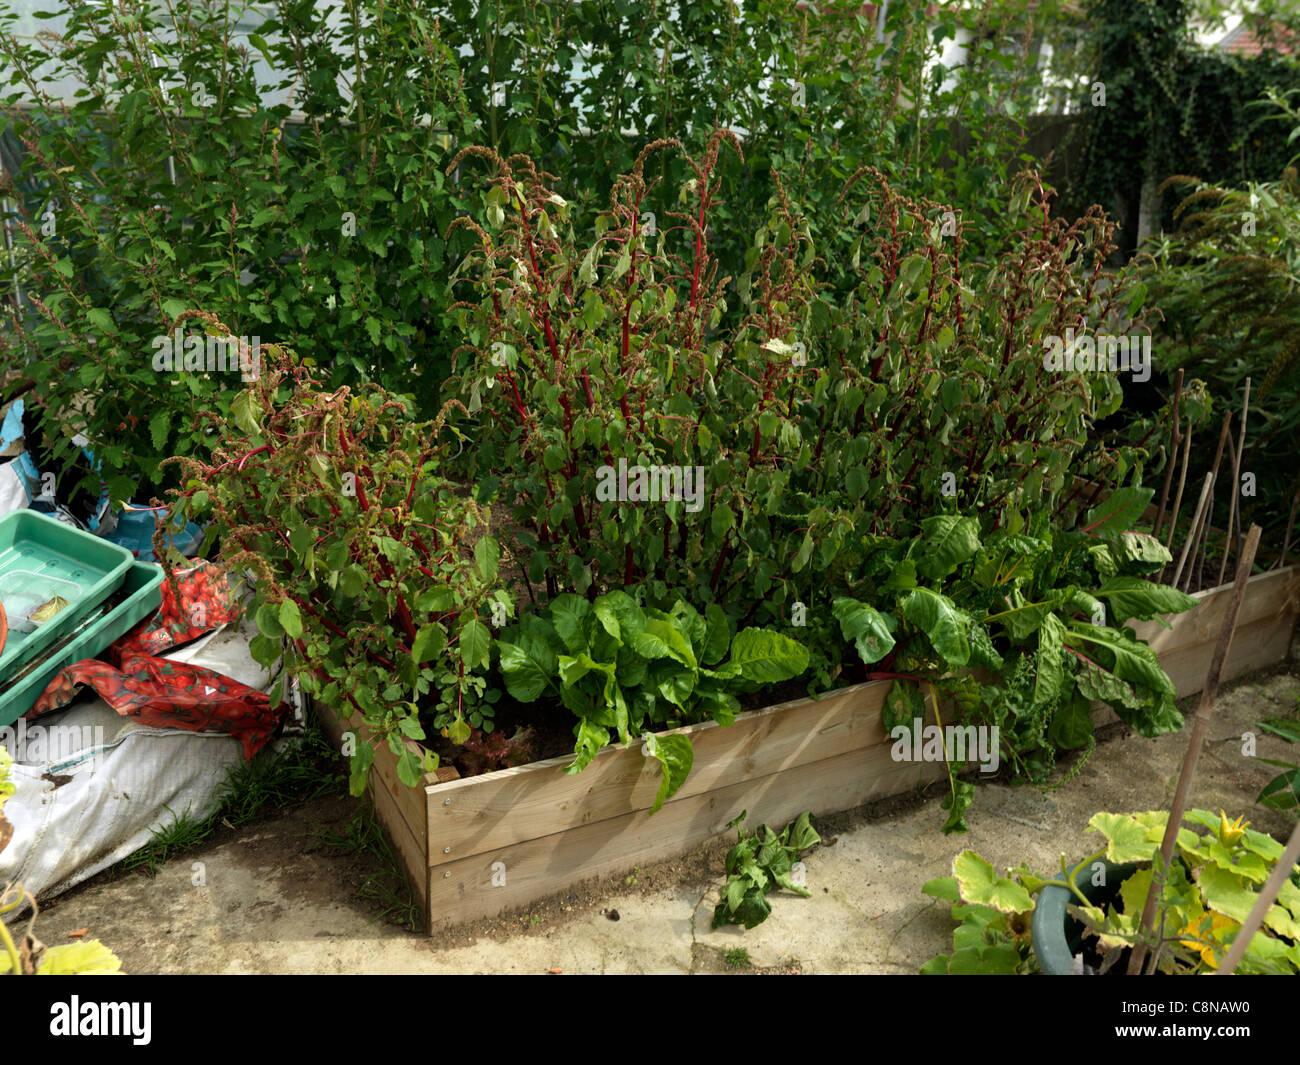 Hochbeet Mit Riesigen Roten Spinat Und Spinat Baum Surrey England